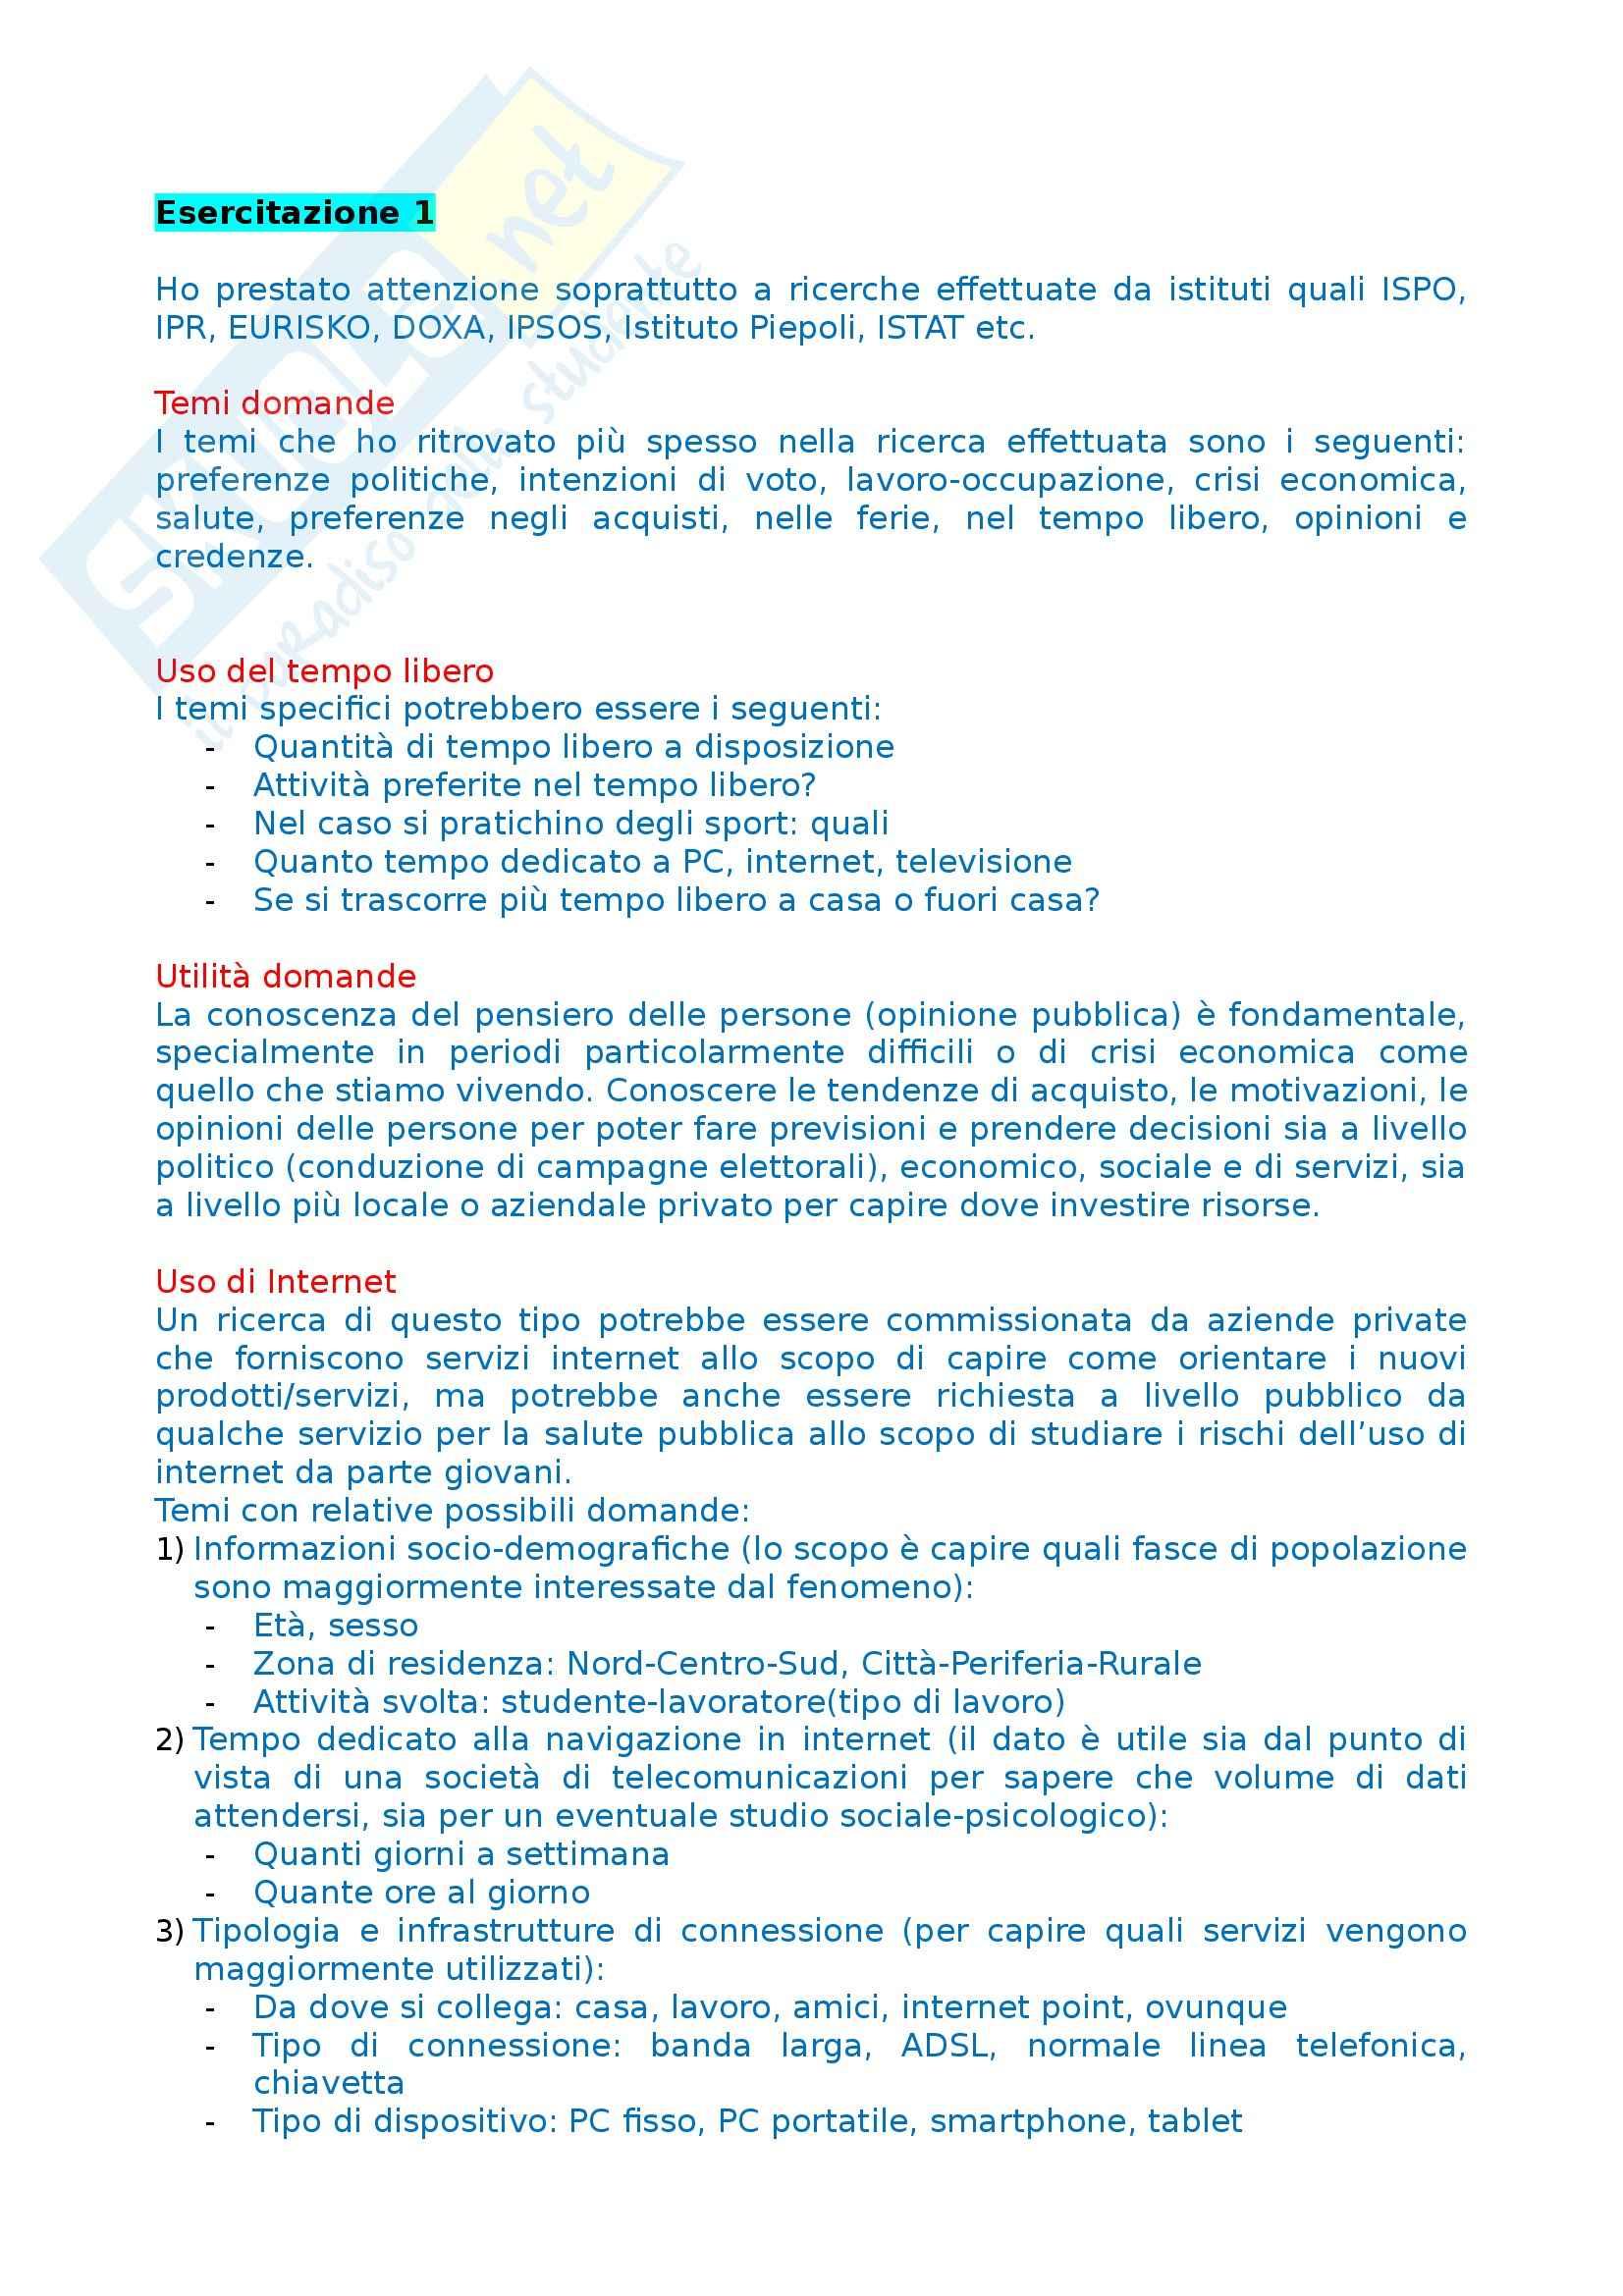 Tecniche dell'intervista e del questionario - Esercitazione